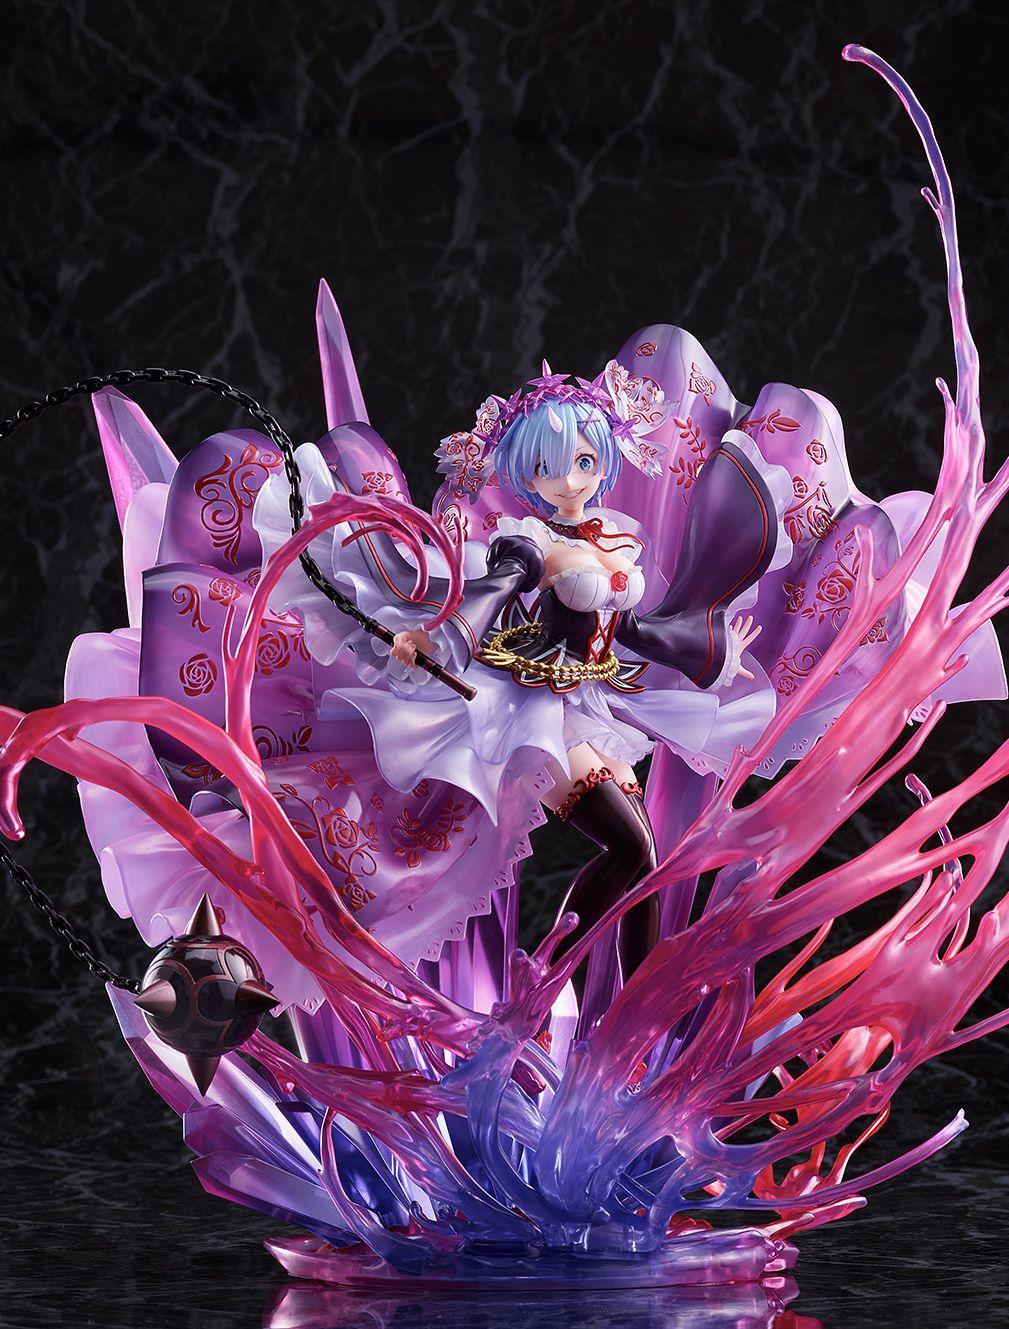 【限定販売】Re:ゼロから始める異世界生活『鬼レム -Crystal Dress Ver-』 1/7 完成品フィギュア-010